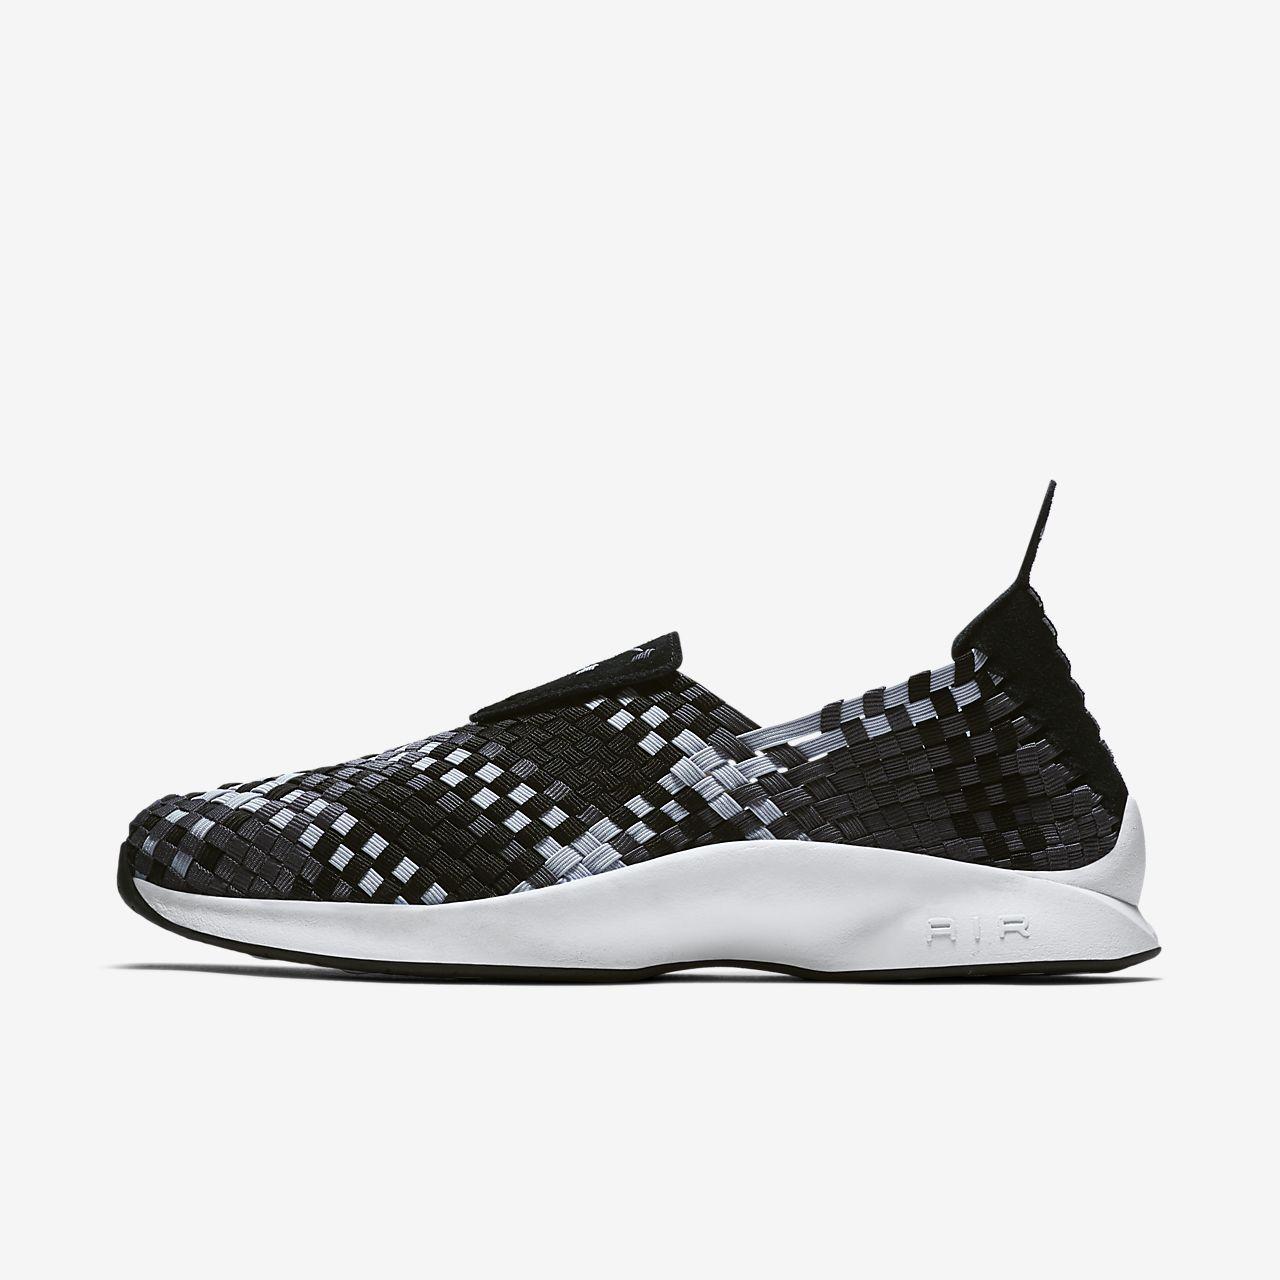 promo code ec112 055ba ... Nike Air Woven - sko til mænd